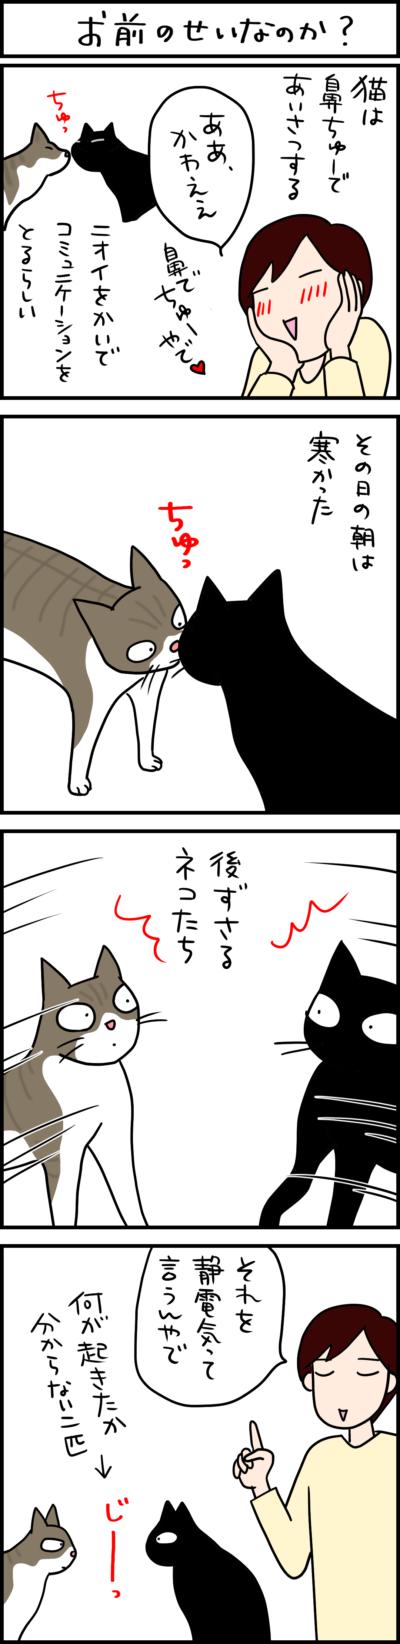 鼻チューする猫の4コマ猫漫画